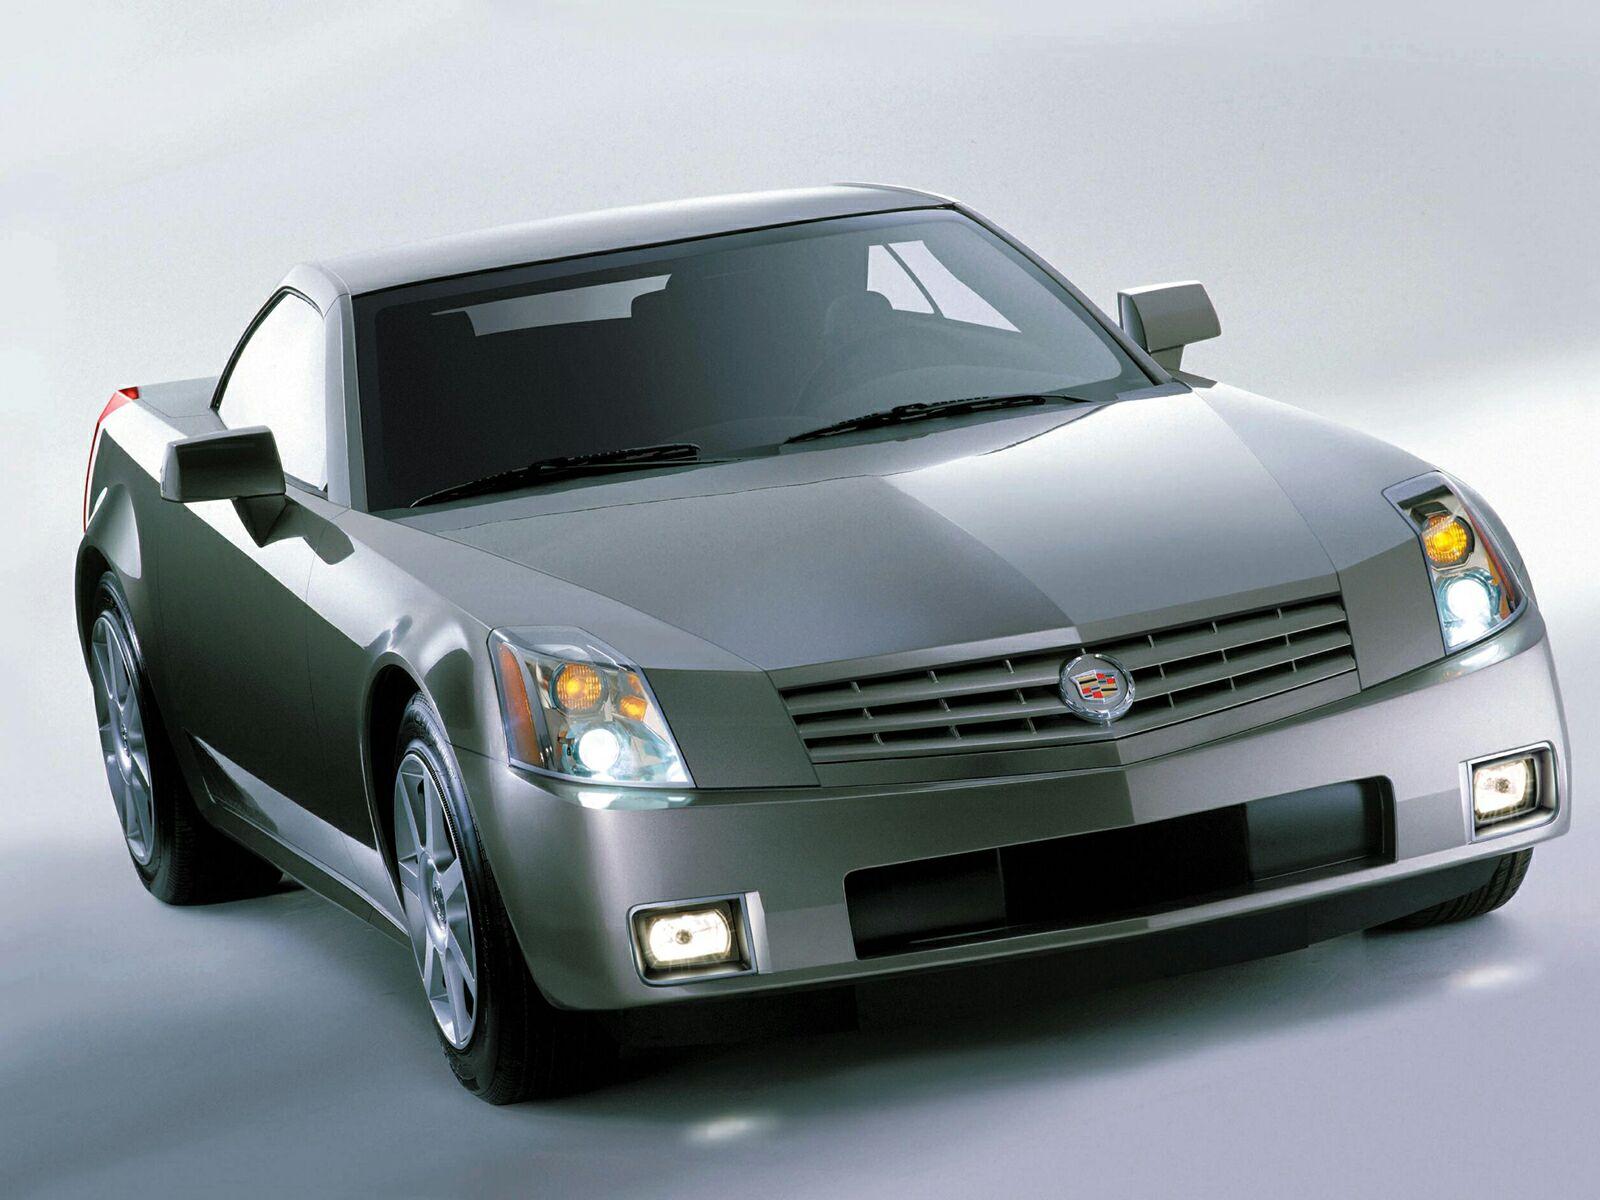 Картинка, Cadillac XLR, бесплатные обои и картинки.